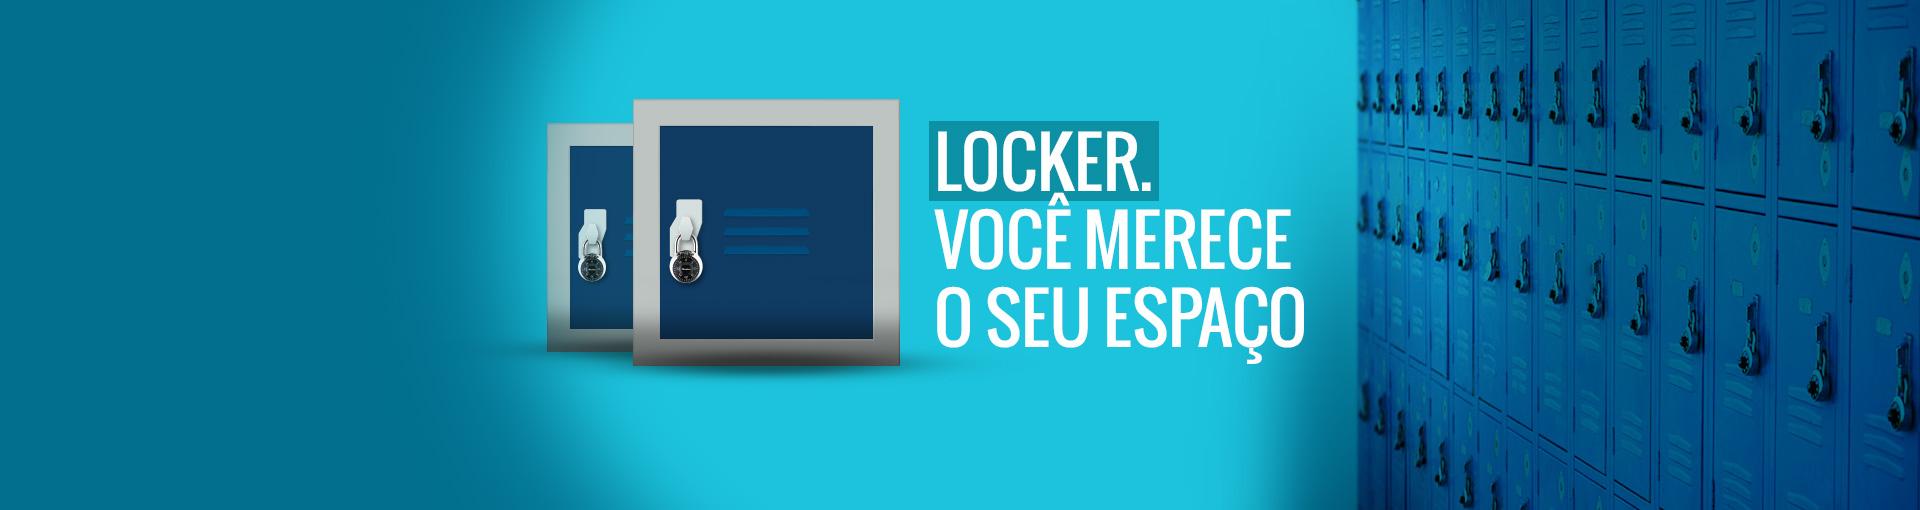 02-locker_banner_site_institucional